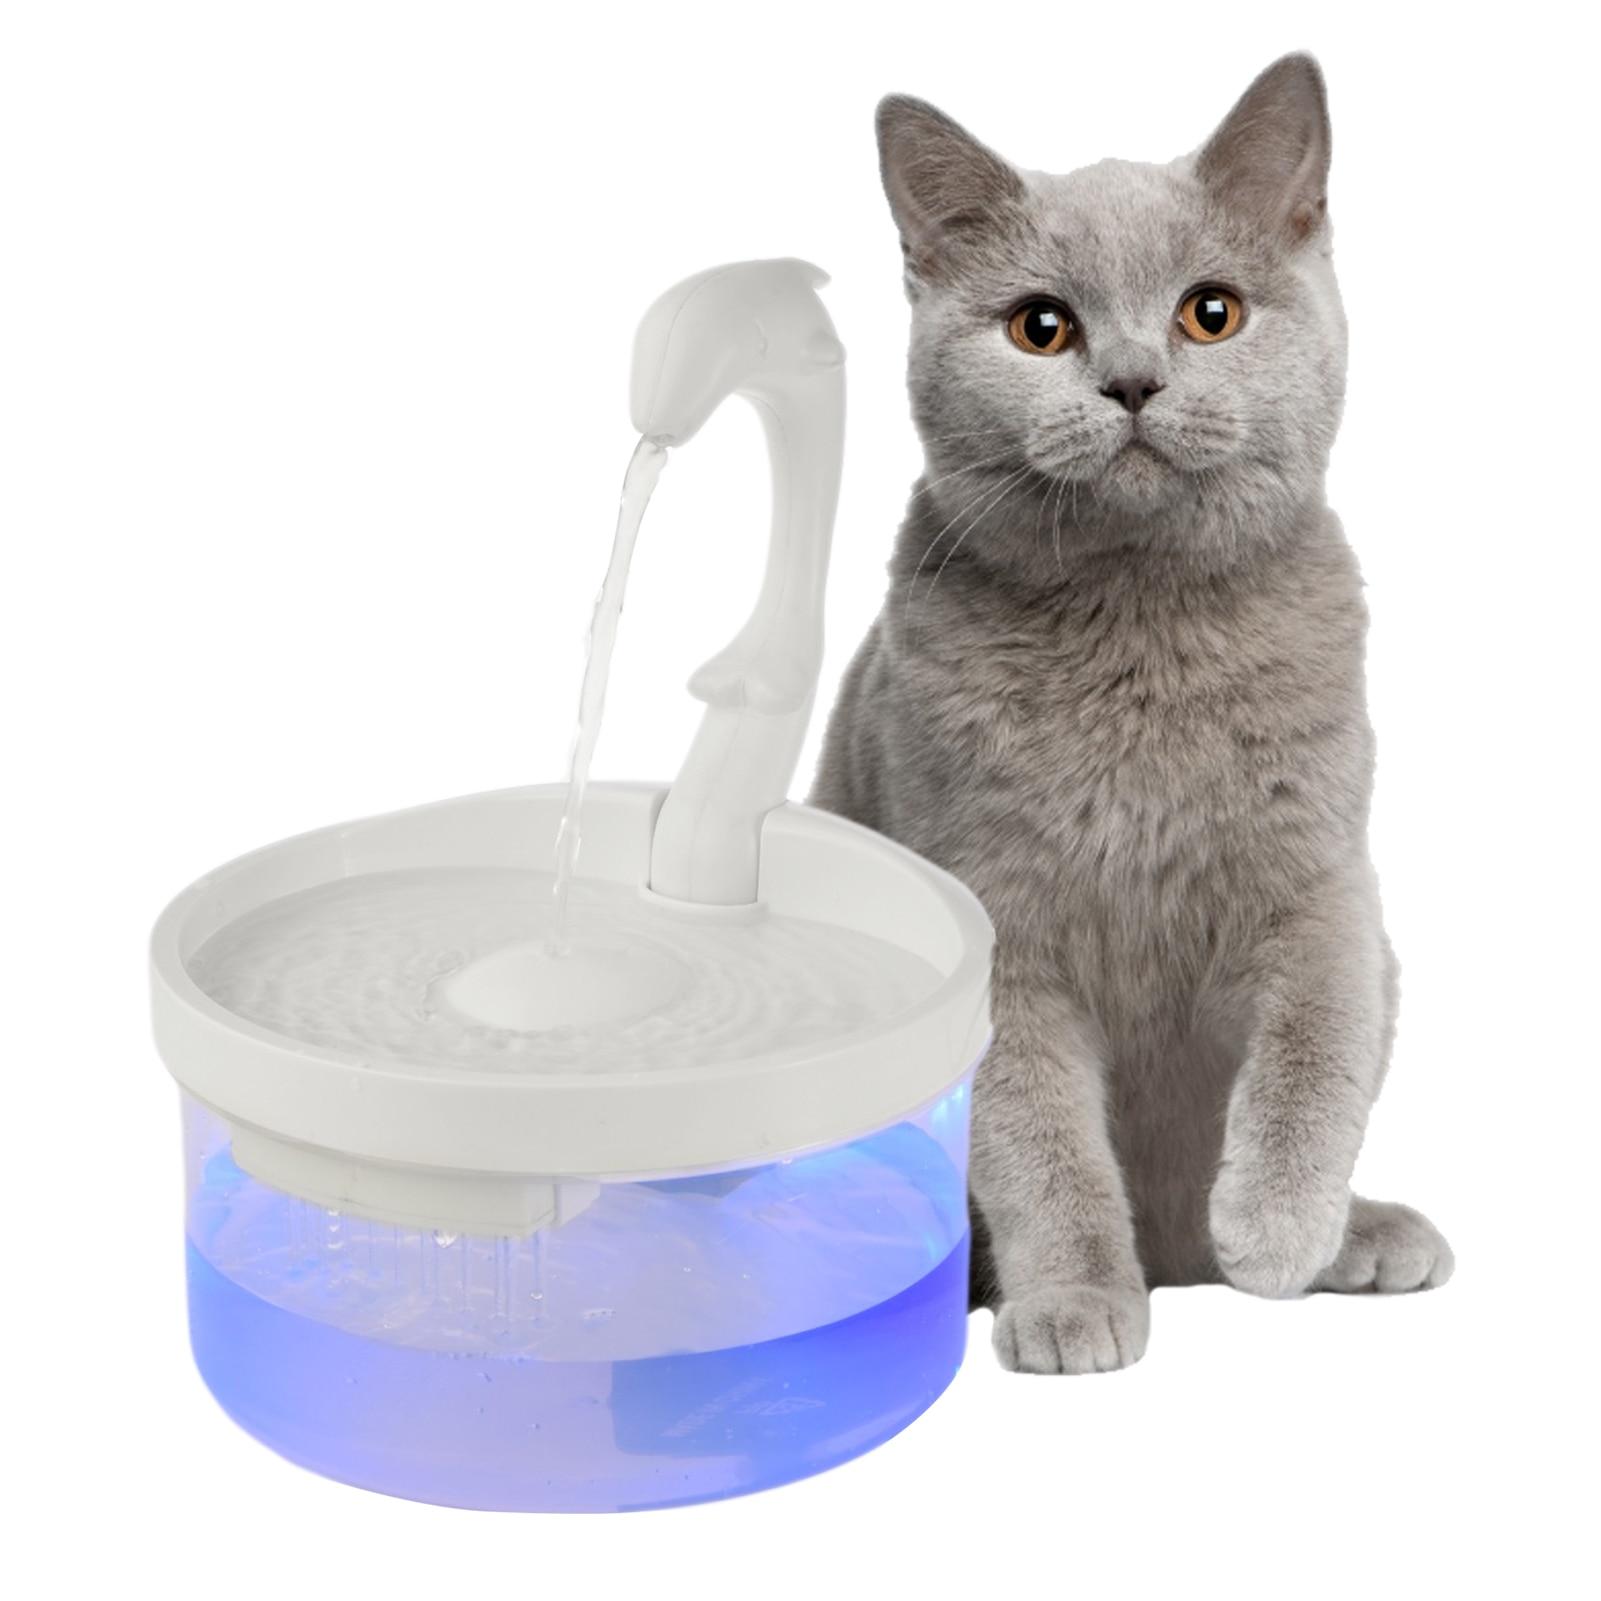 Cheap Suprimentos de alimentação para gatos